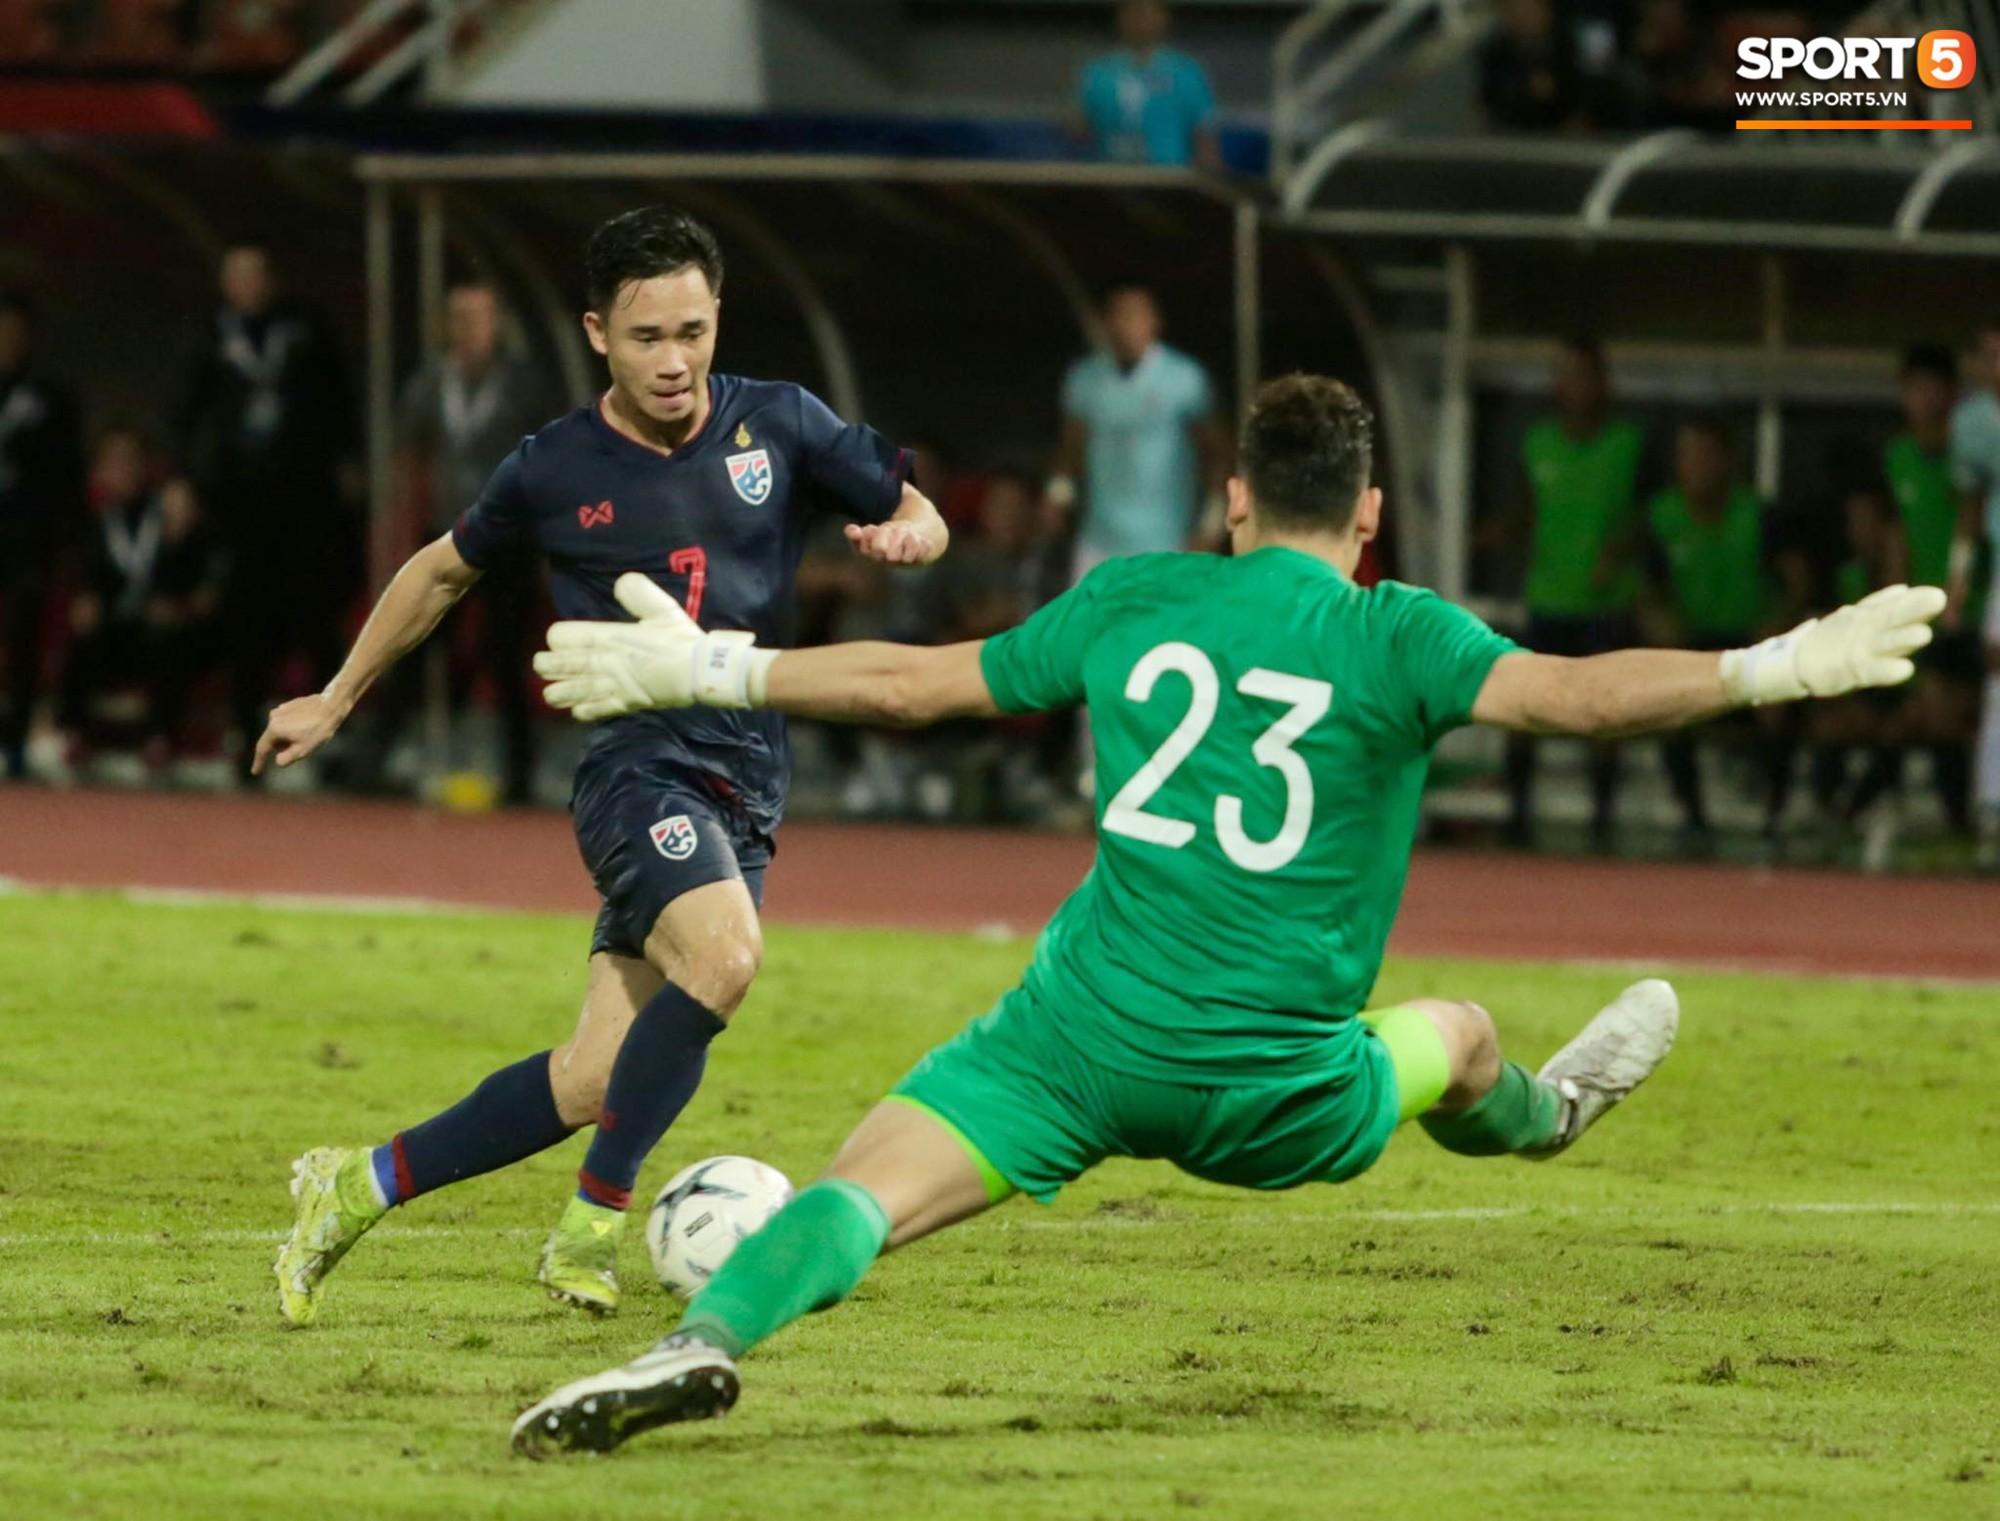 VZN News: Không phải thần may mắn, đây mới là người giúp Việt Nam có 1 điểm quý giá trước Thái Lan tại Vòng loại World Cup 2022 - Ảnh 2.